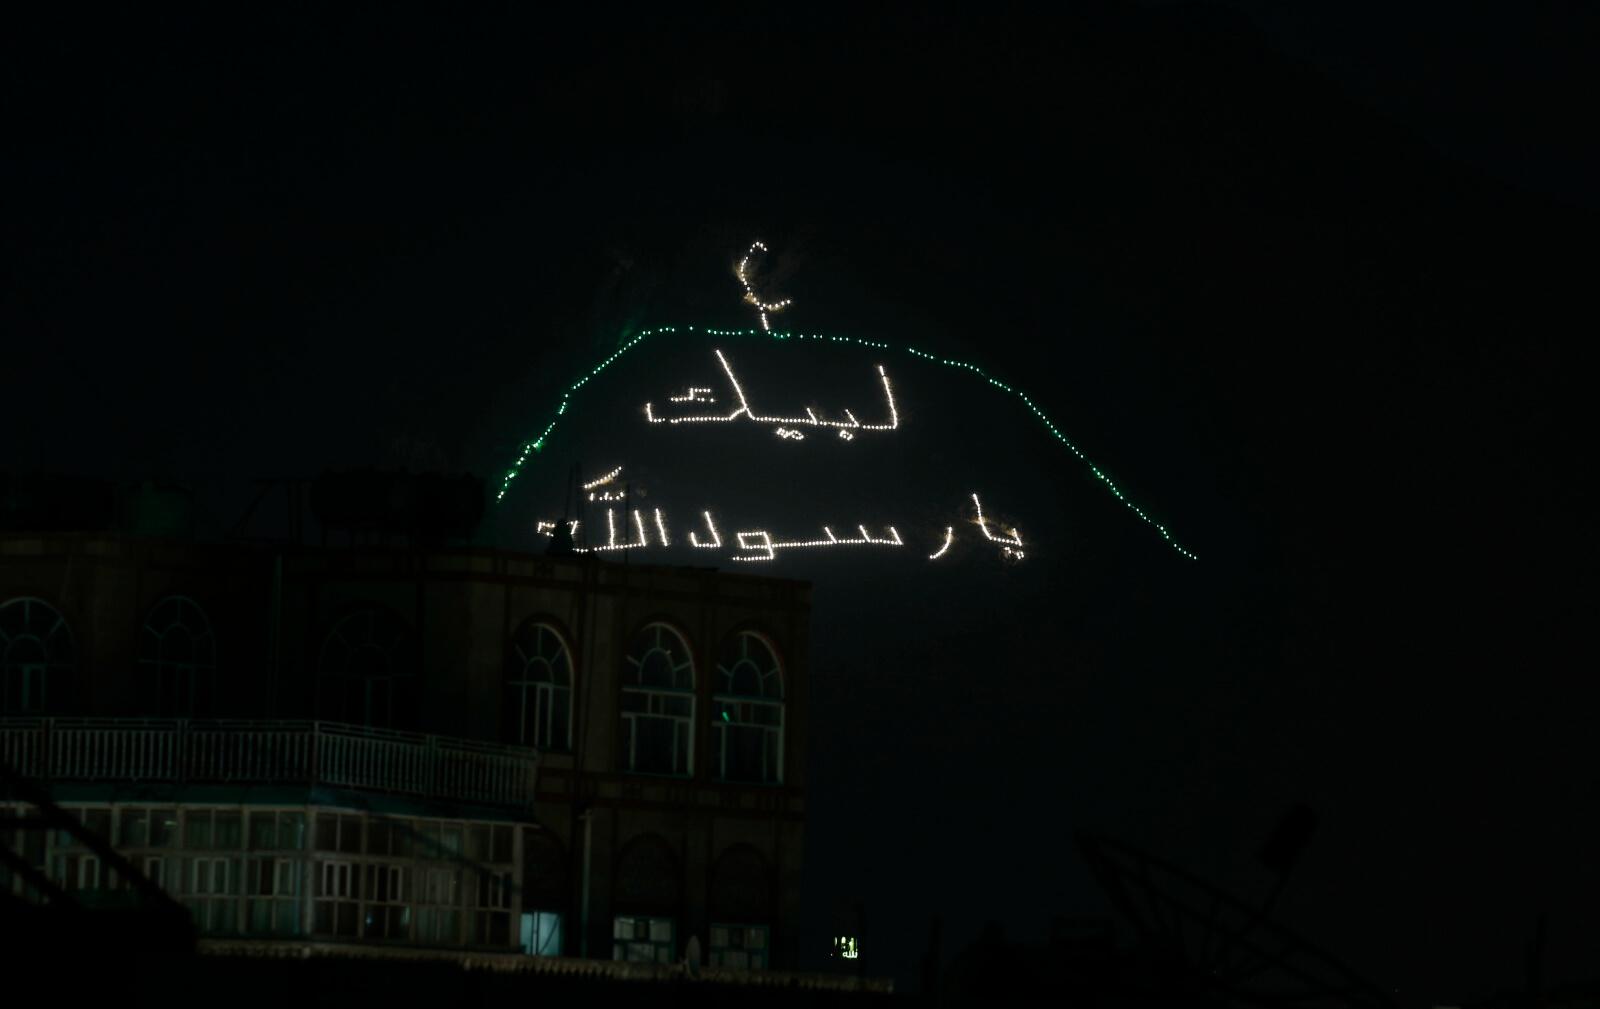 Urodziny proroka Mahometa w islamie fot. EPA/YAHYA ARHAB